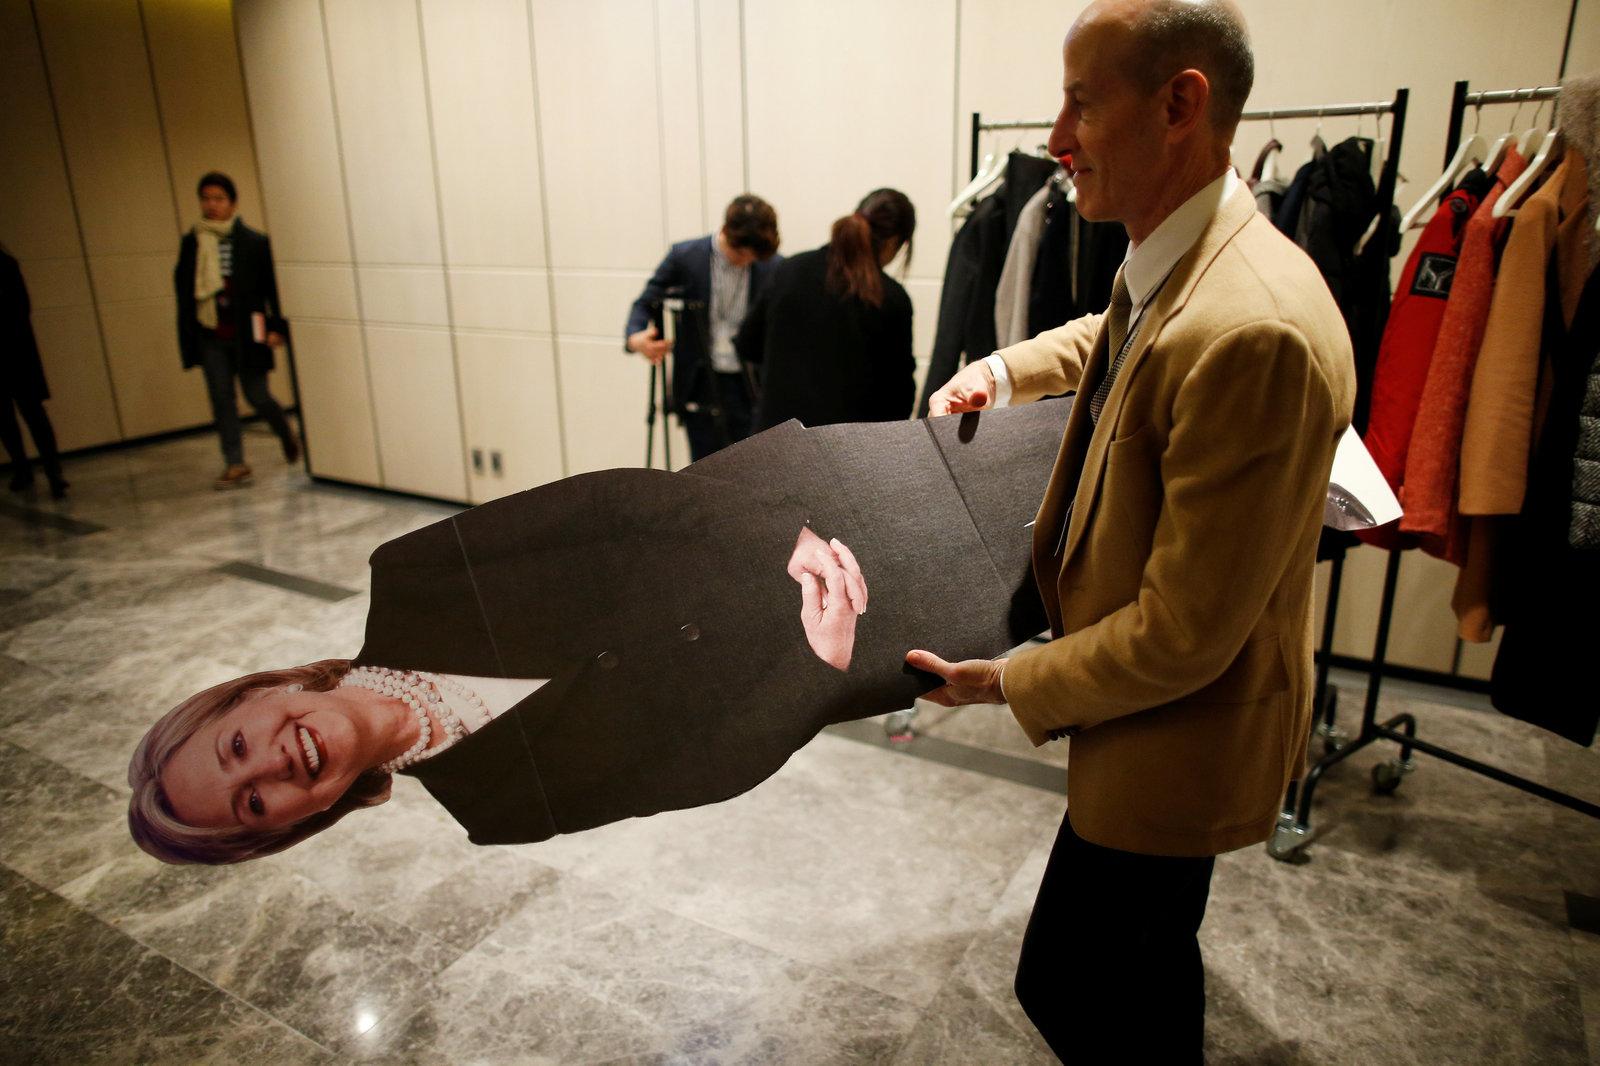 希拉莉落敗後,其紙板公仔被「抬」離大選直播會場。未知會被送去回收,抑或直接丟進焚化爐。圖片來源:路透社